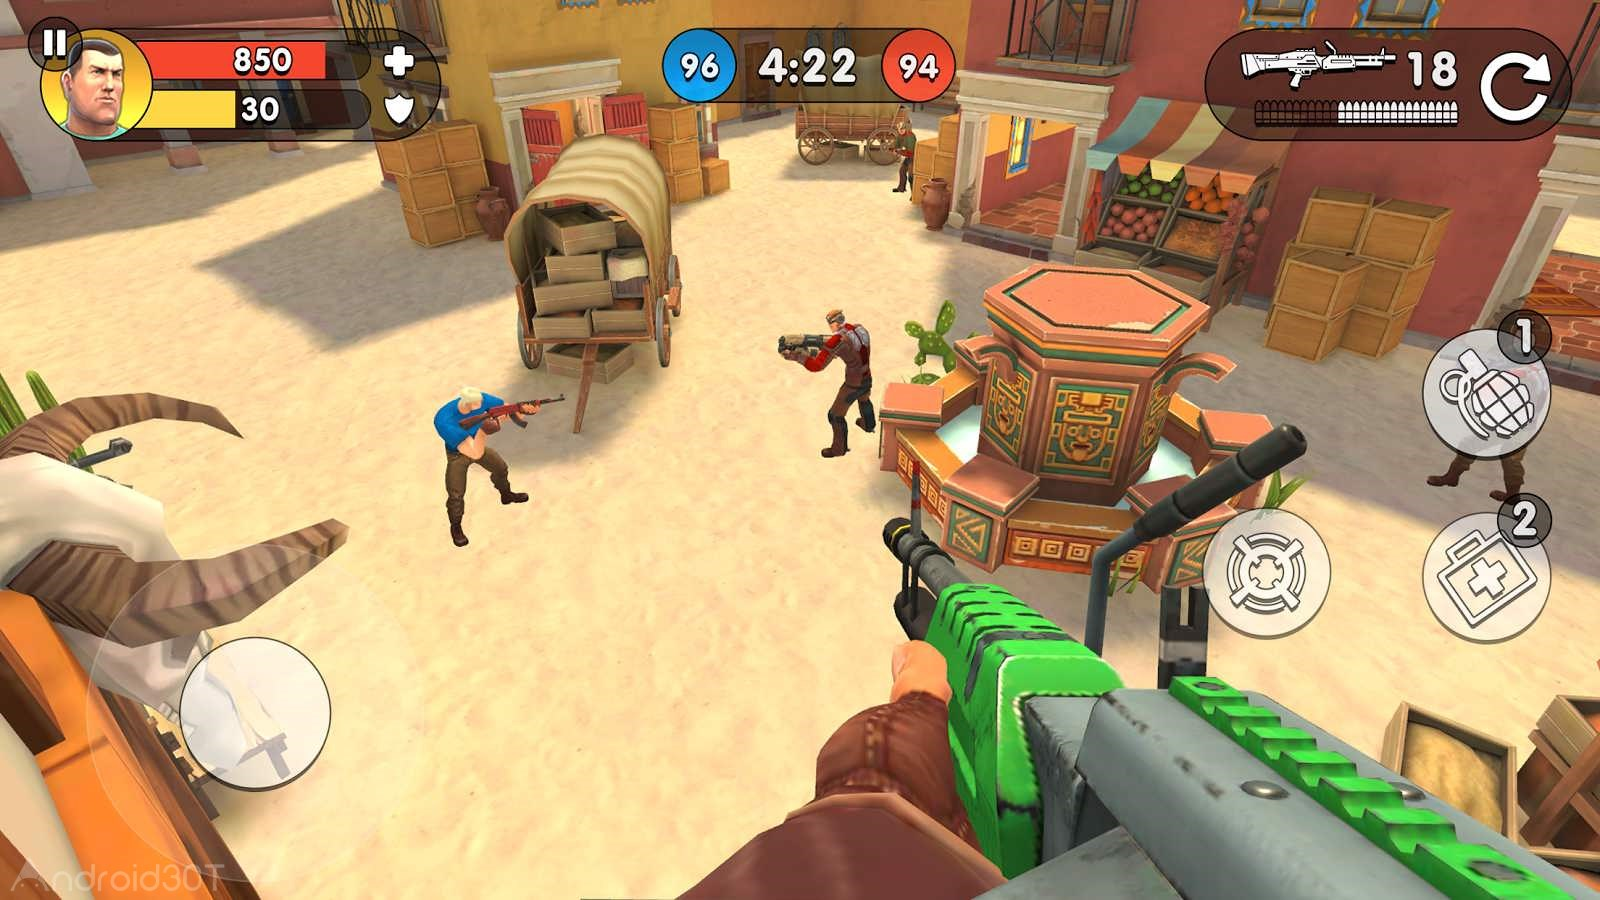 دانلود Guns of Boom 18.0.150 – بازی اکشن اسلحه بوم اندروید